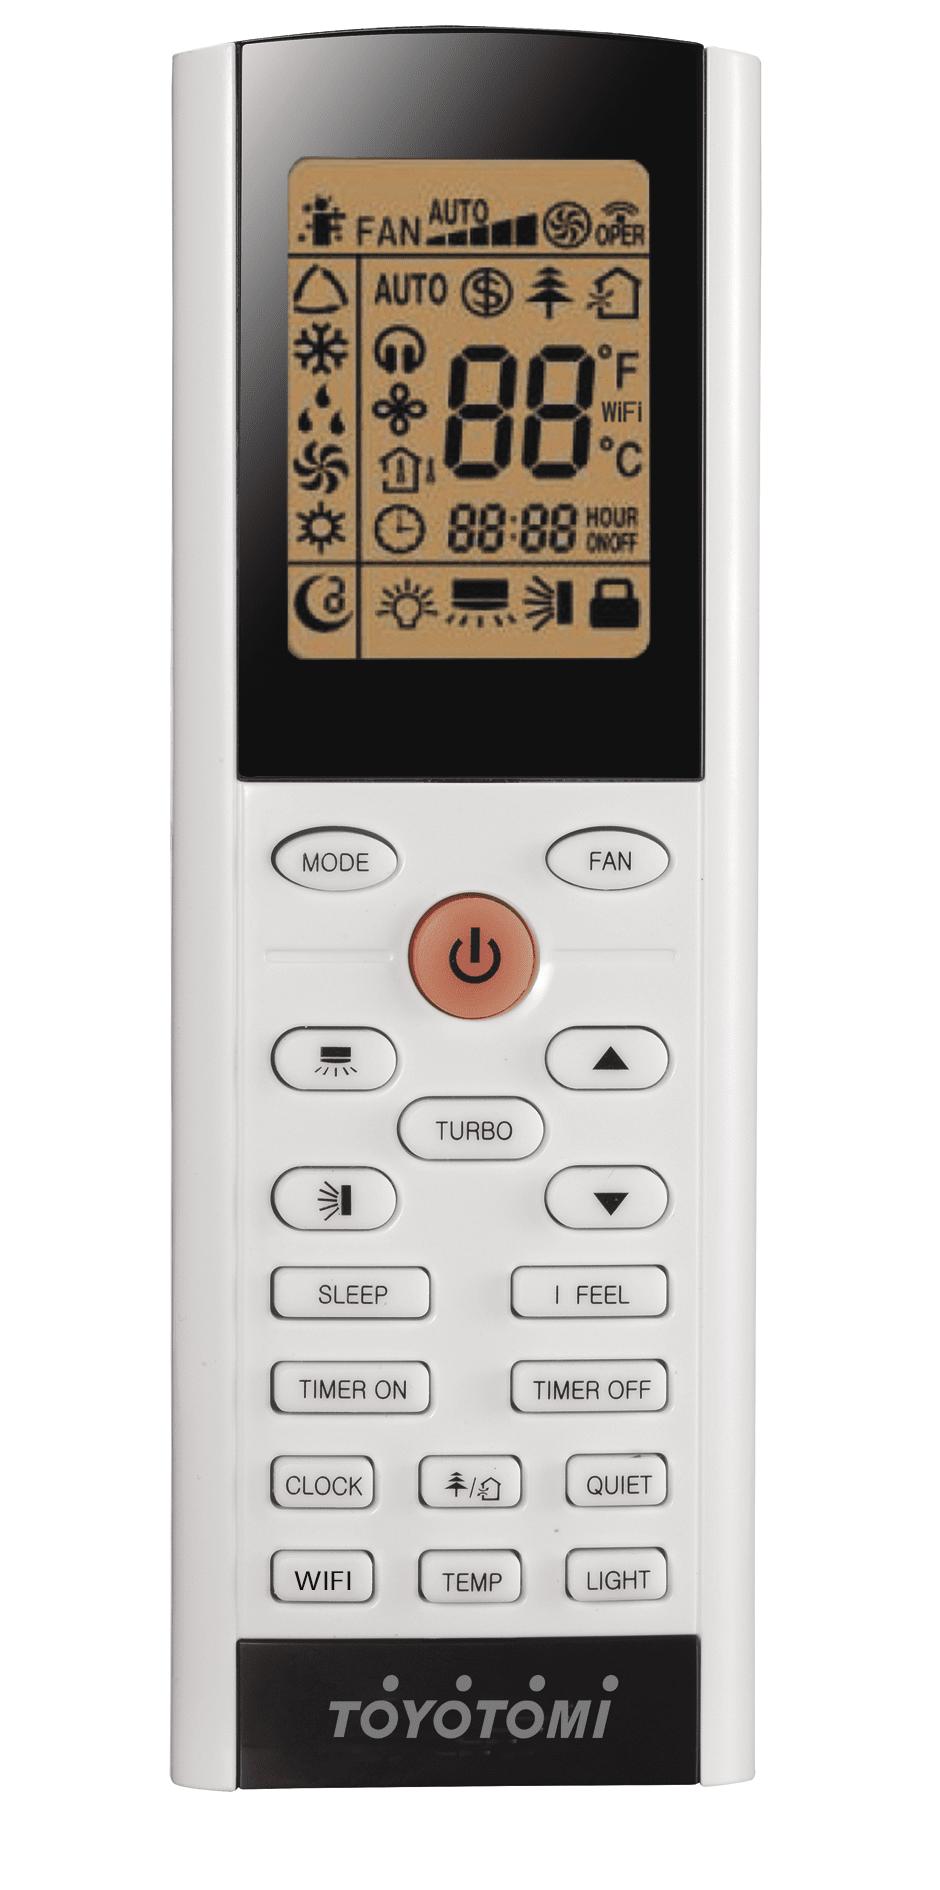 Toyotomi remote control